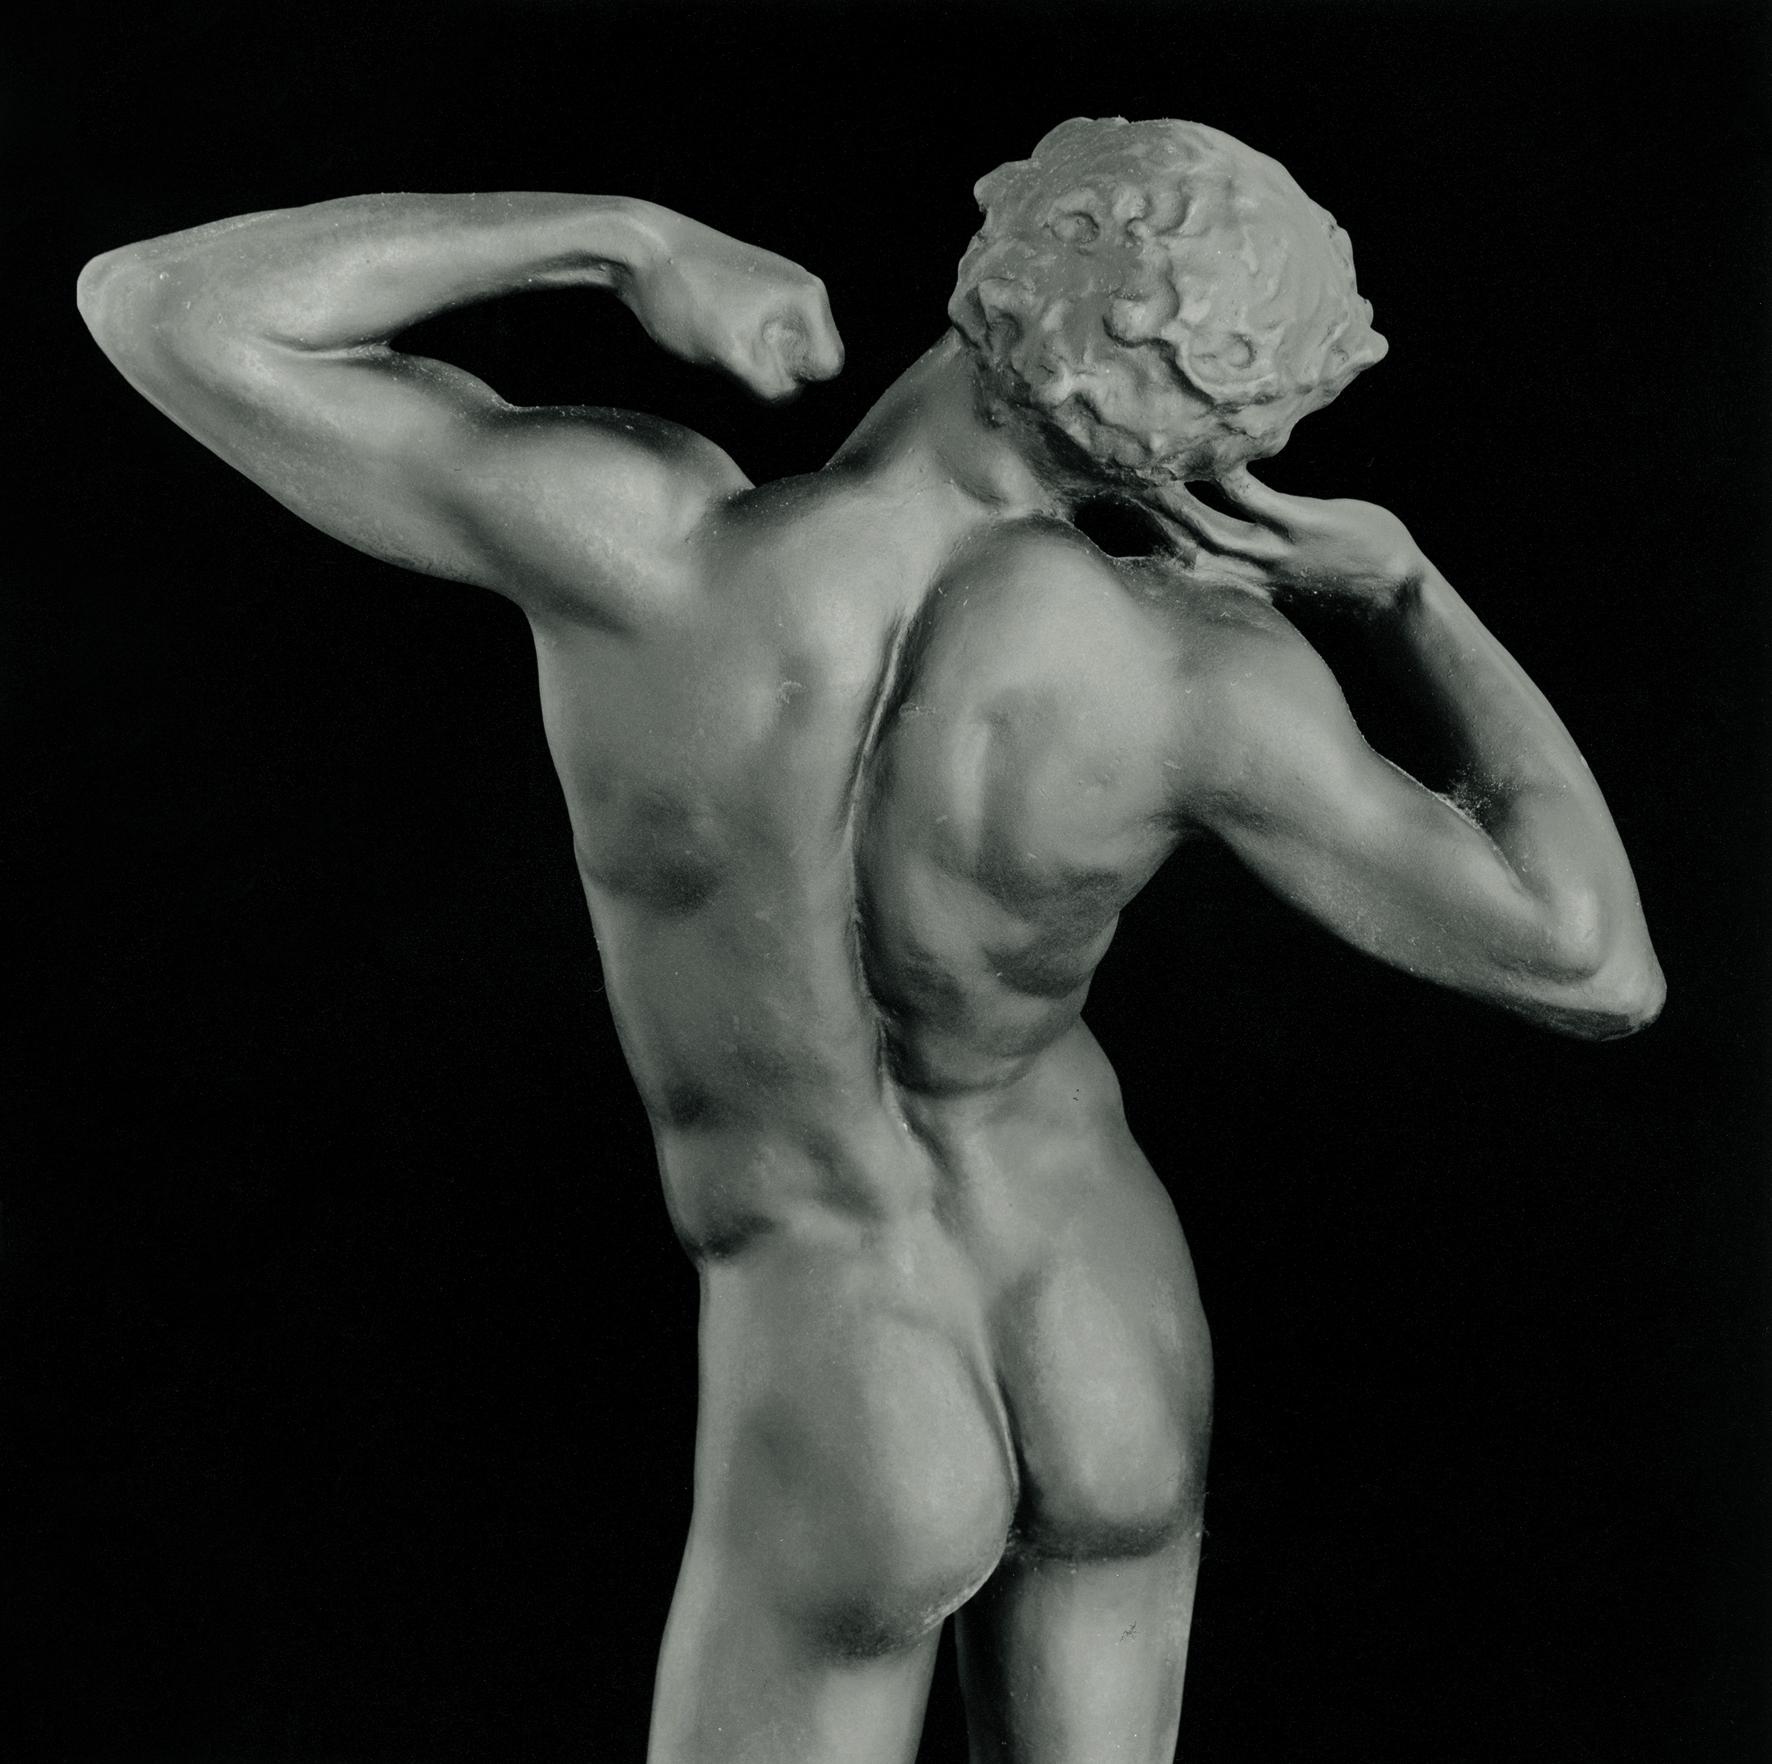 Robert Mapplethorpe, provocateur néo-classique